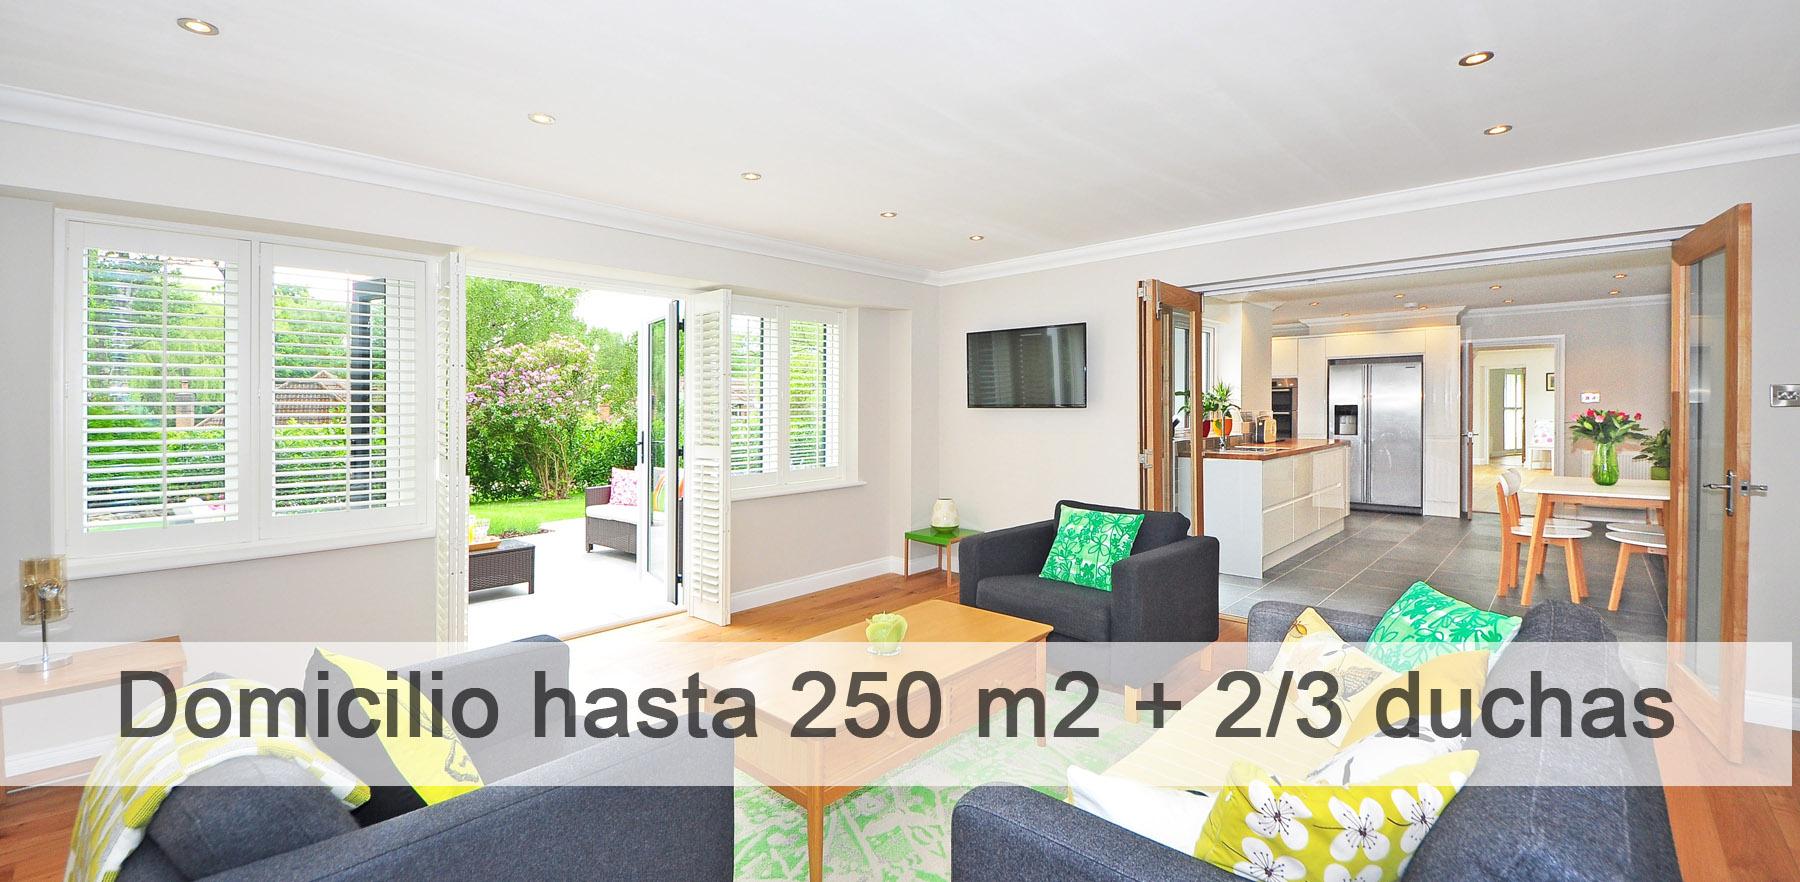 domicilio hasta 250 m2 + 2-3 duchas